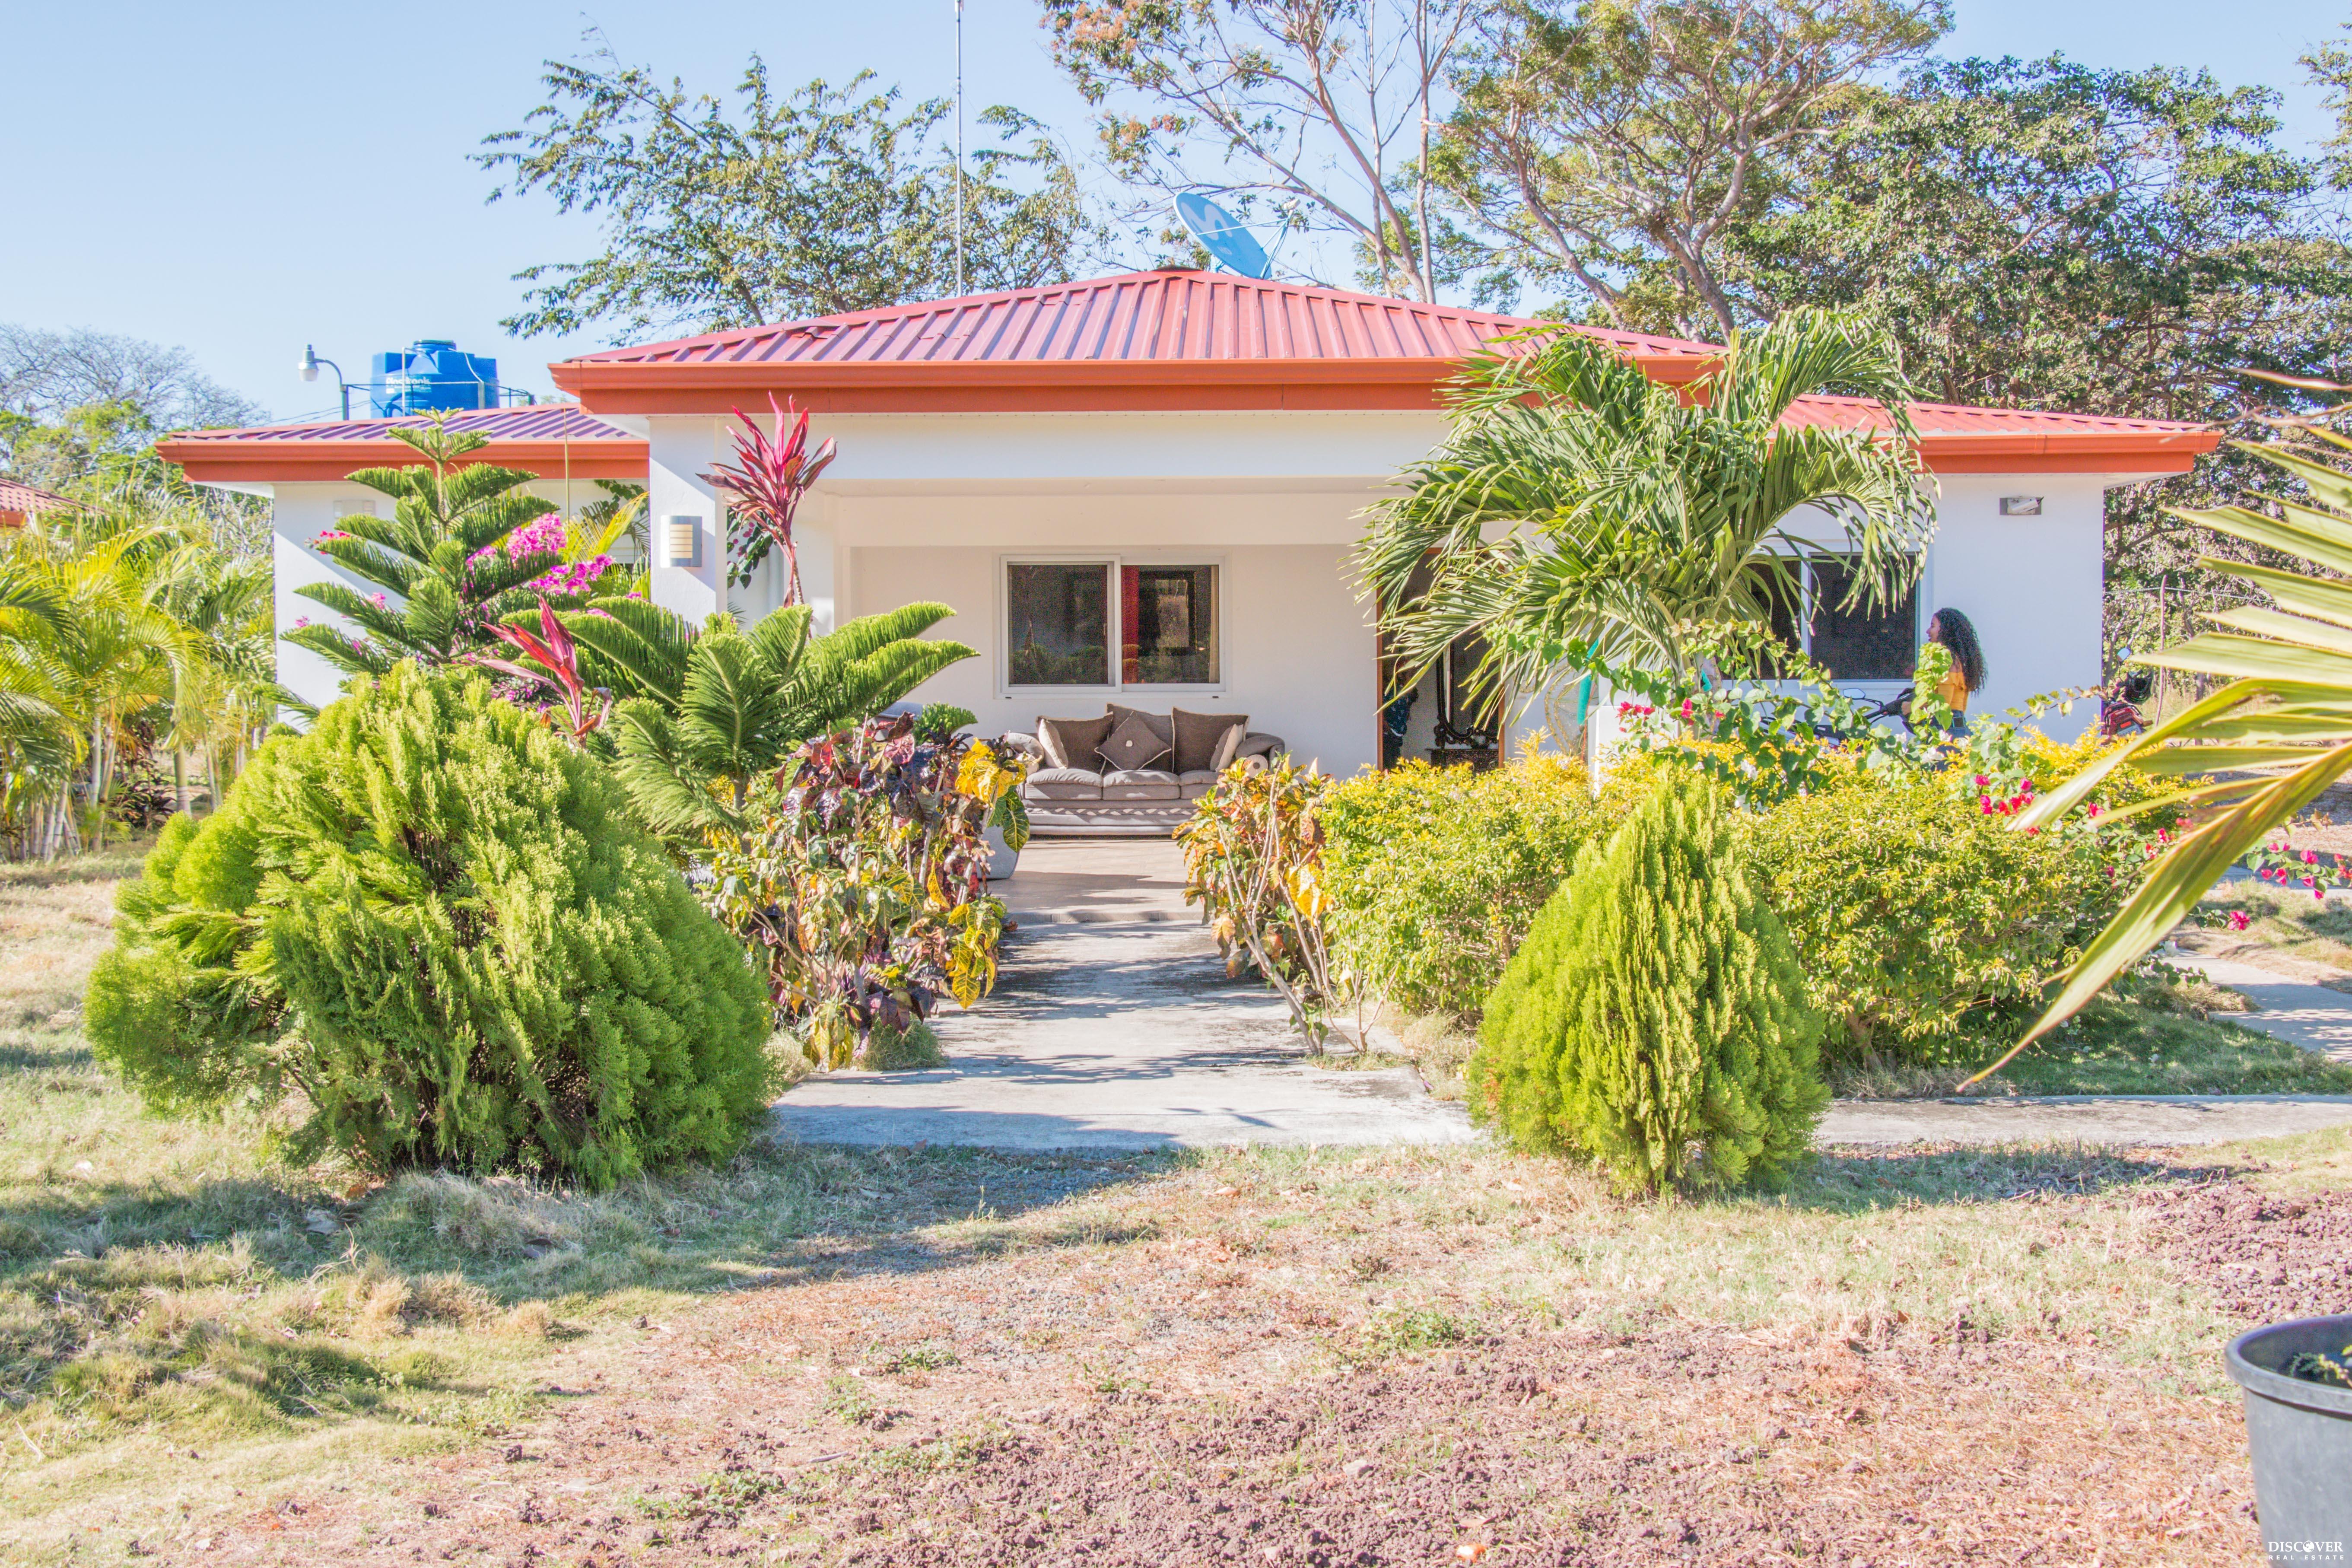 2 Bedroom House for rent in Las Delicias